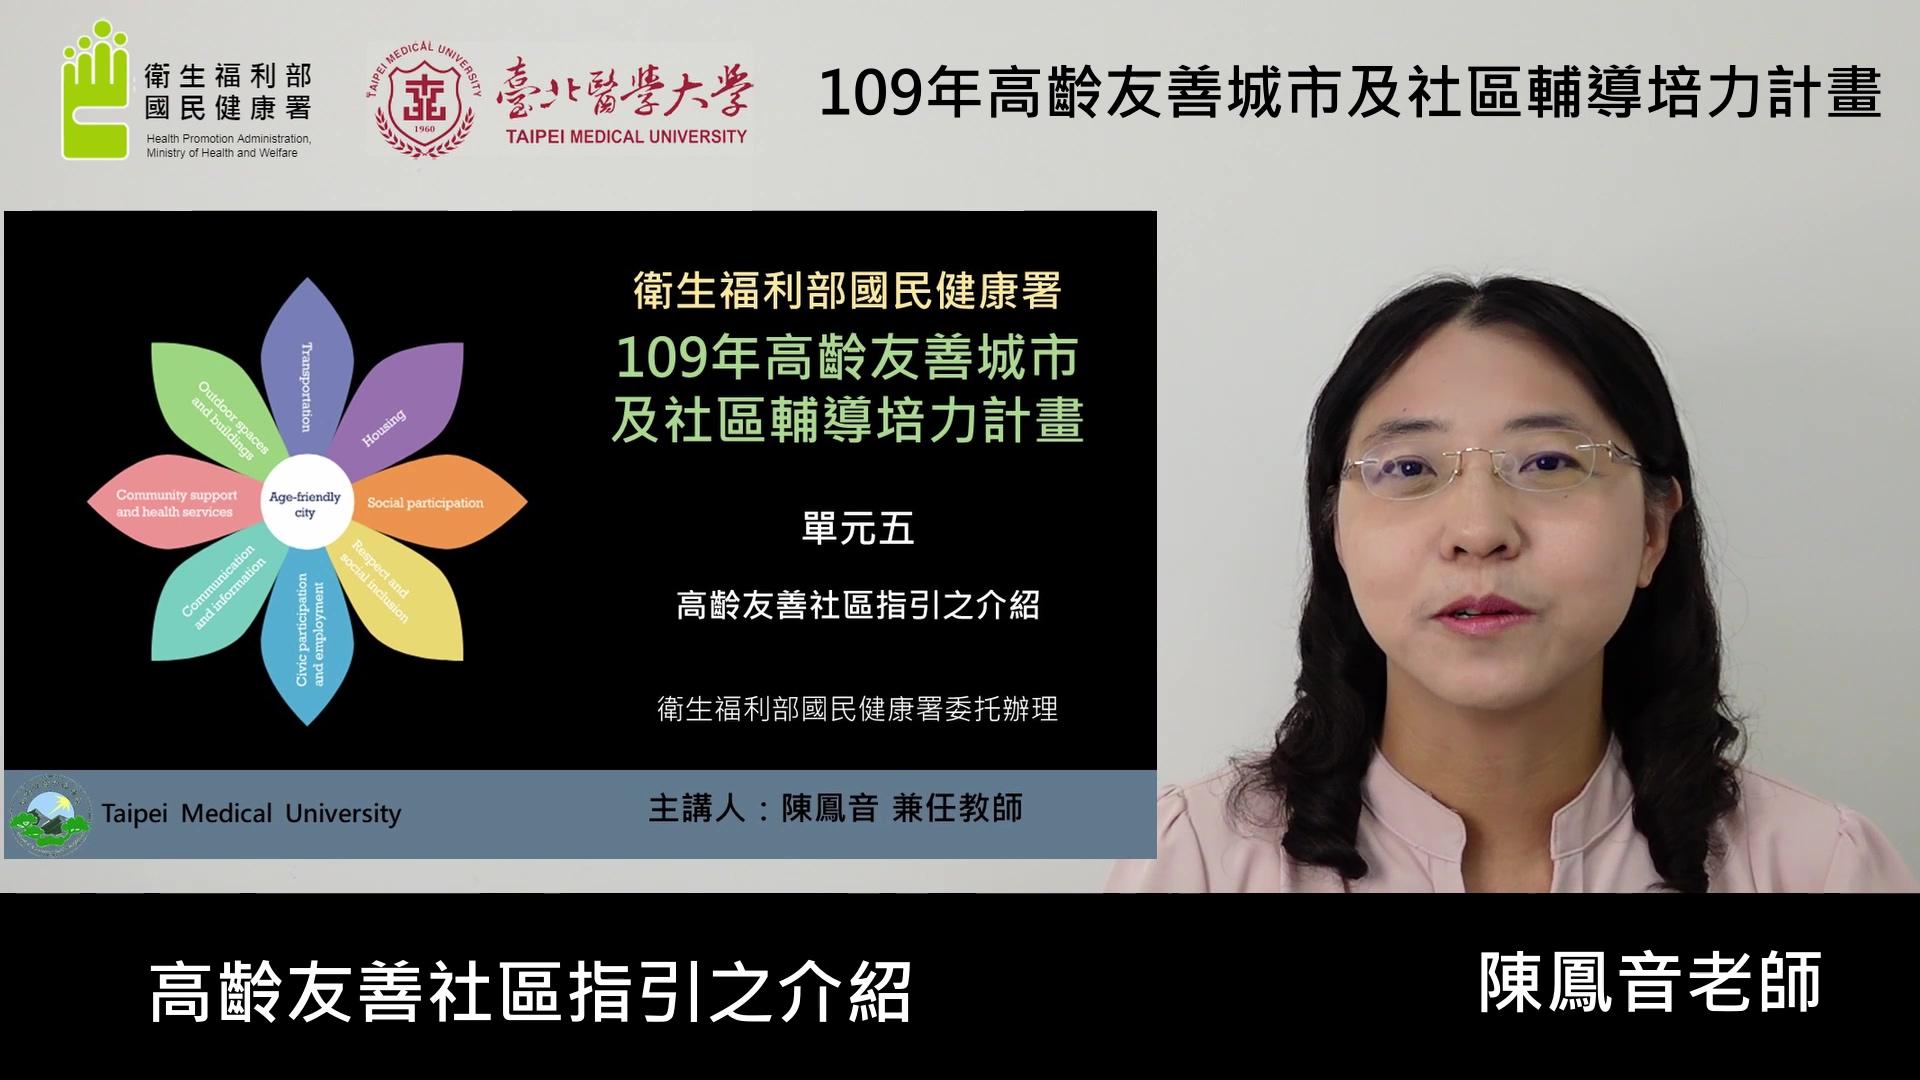 高齡友善城市及社區輔導培力計畫—【培力單元5】台灣高齡友善社區指引之介紹